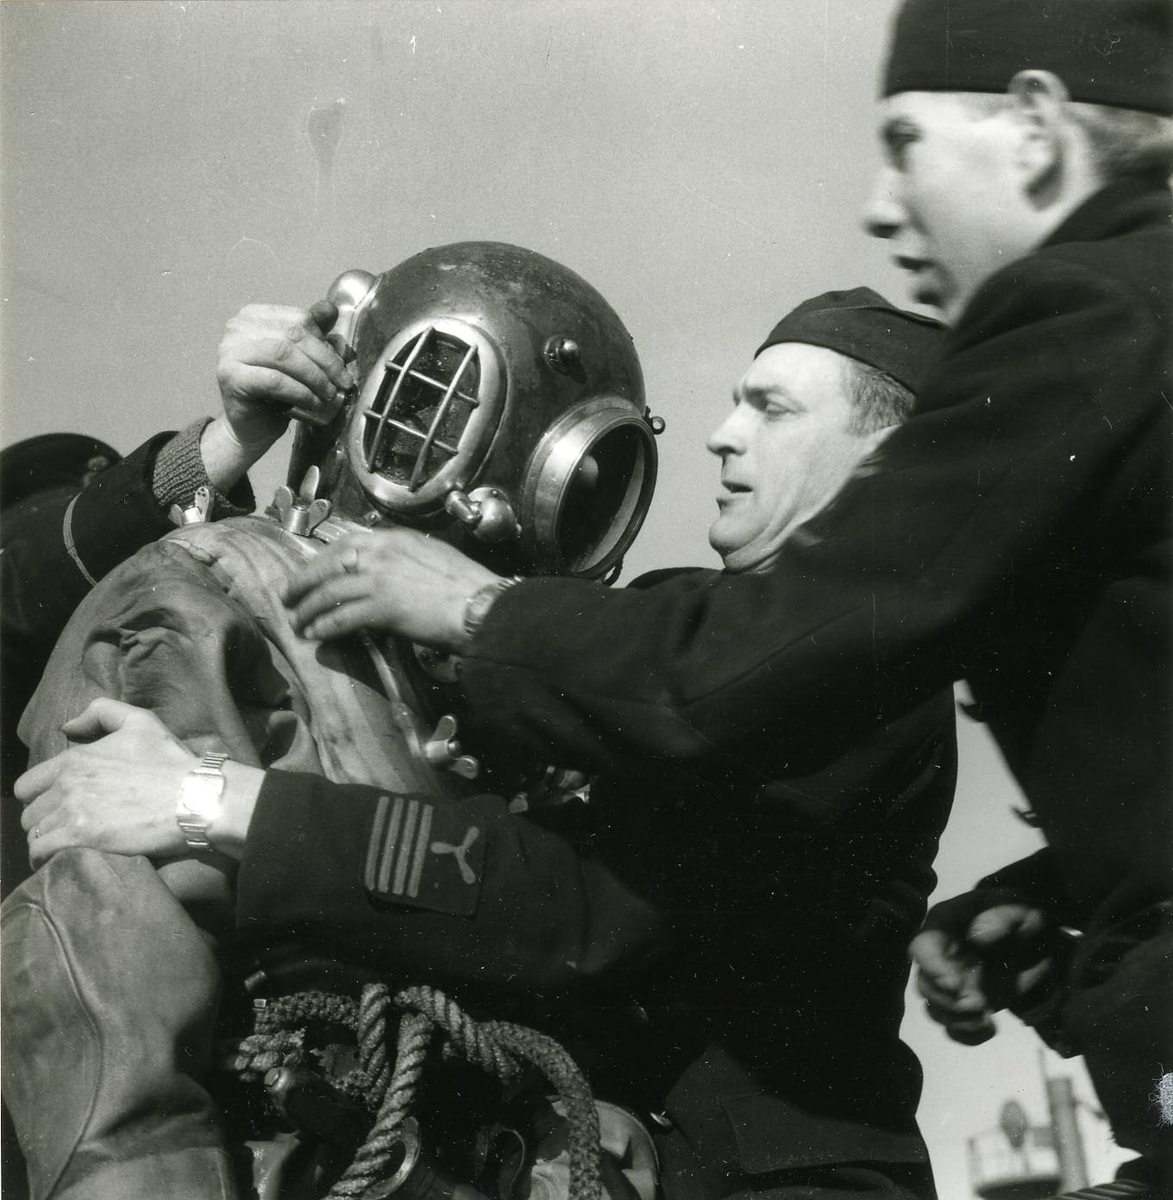 Utrustning av dykare på ubåten Sjöormen vid Skeppsholmen 1949. Hjälmen sättes på.